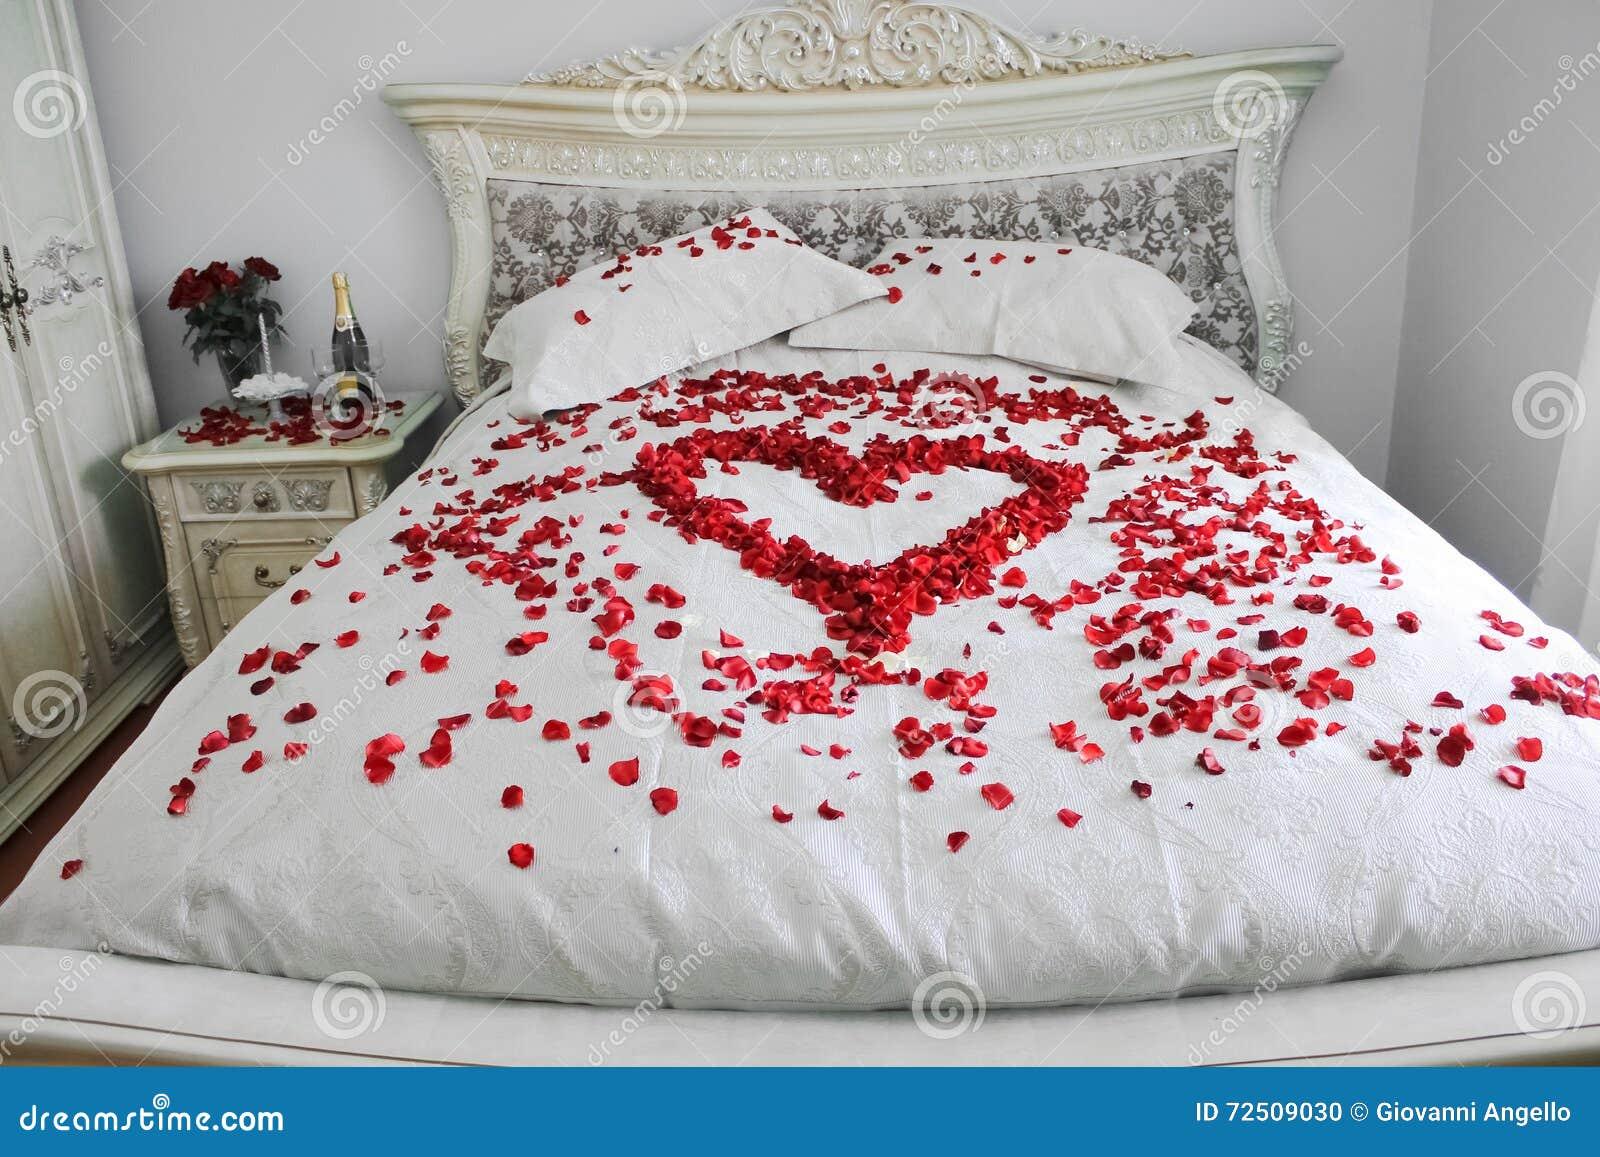 Camere Da Letto Romantiche Con Petali Di Rosa : Camera da letto romantica con candele sweet dreams candele camera